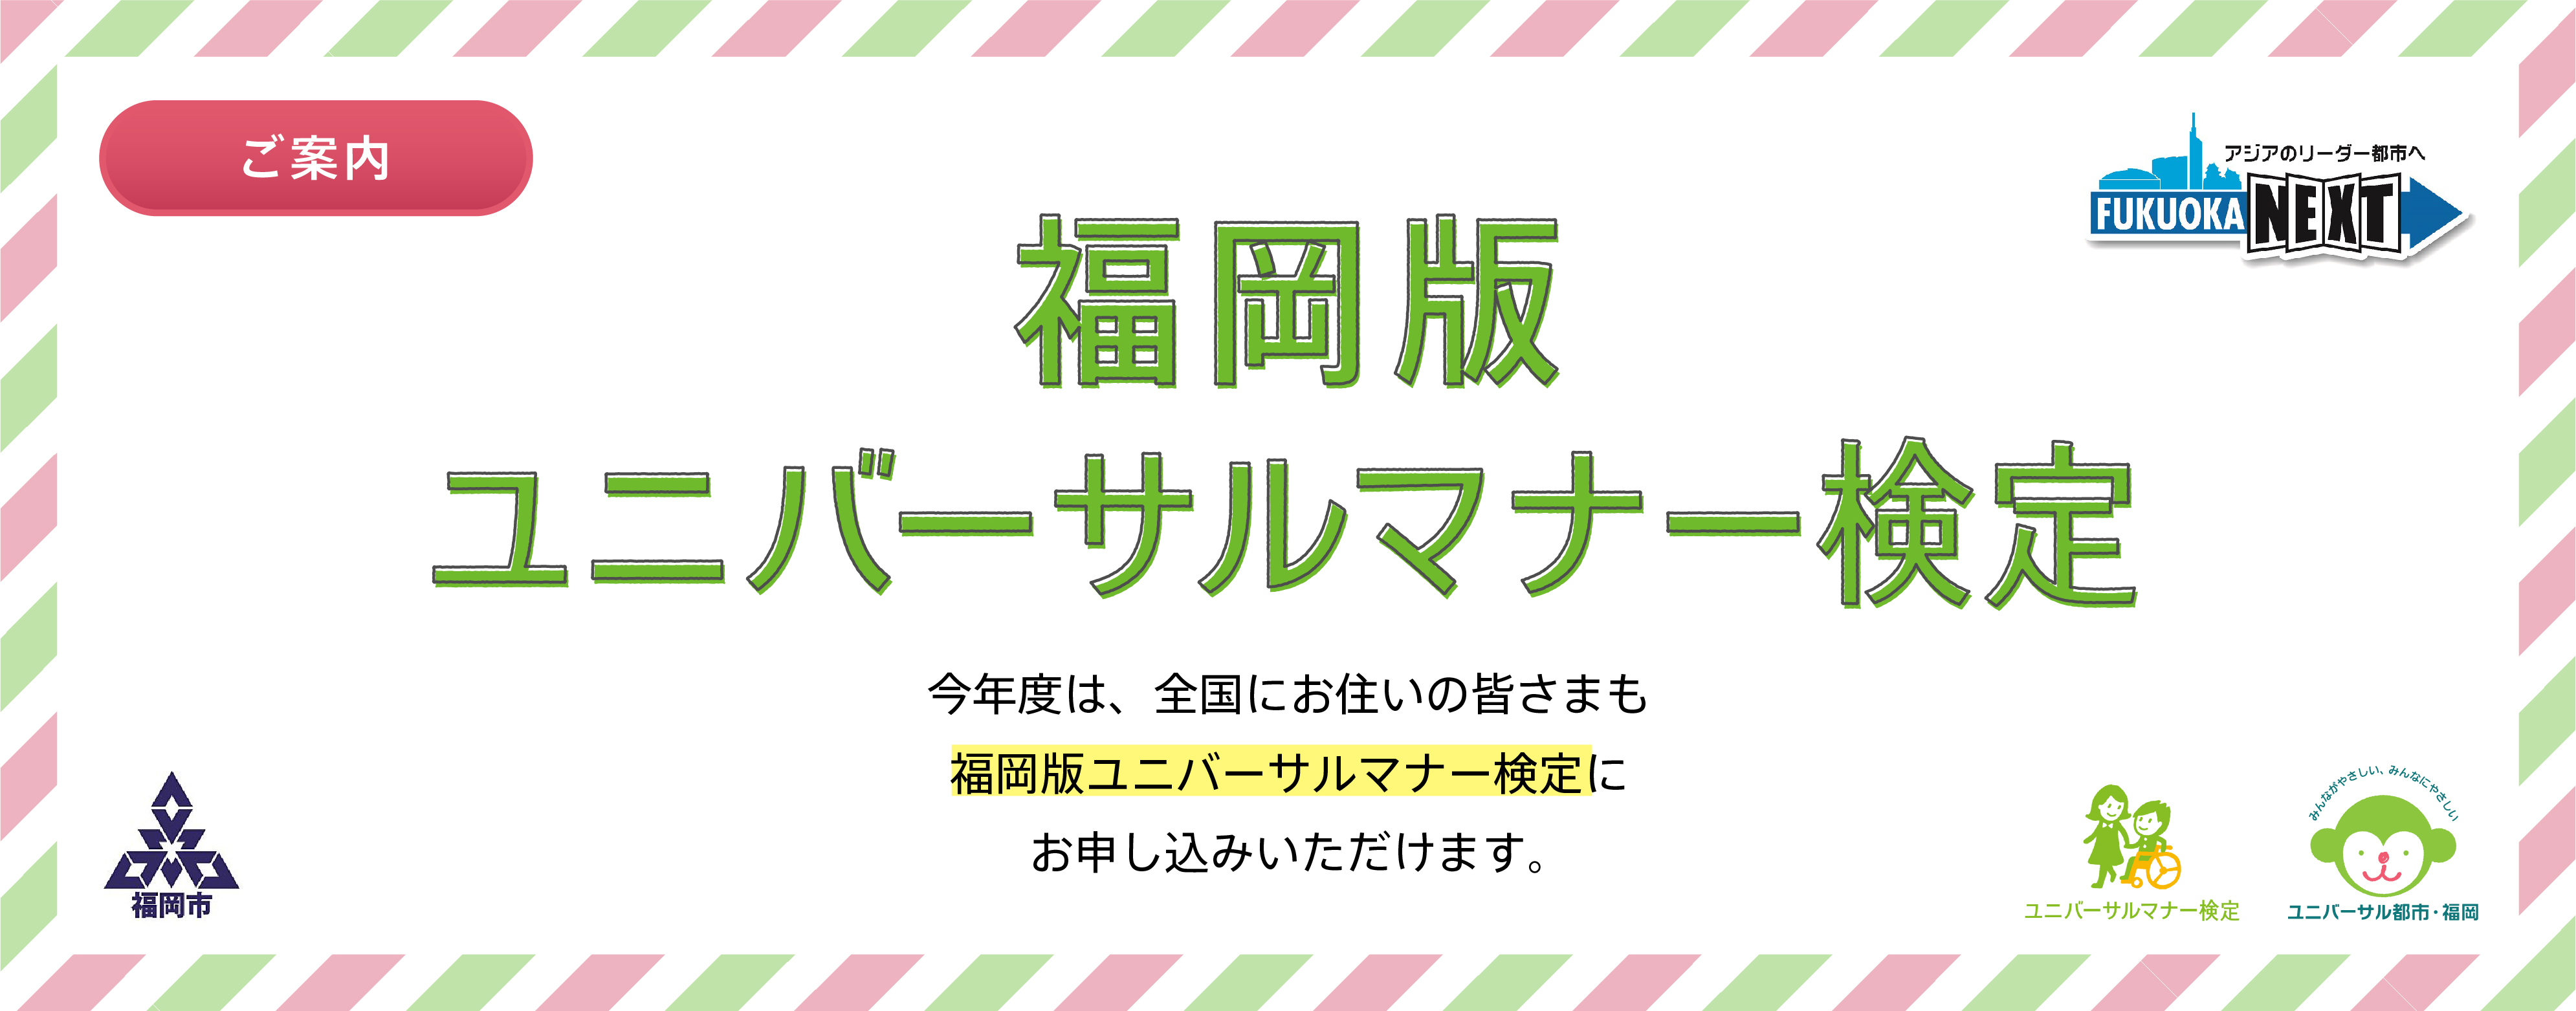 福岡UMバナー_2021-04